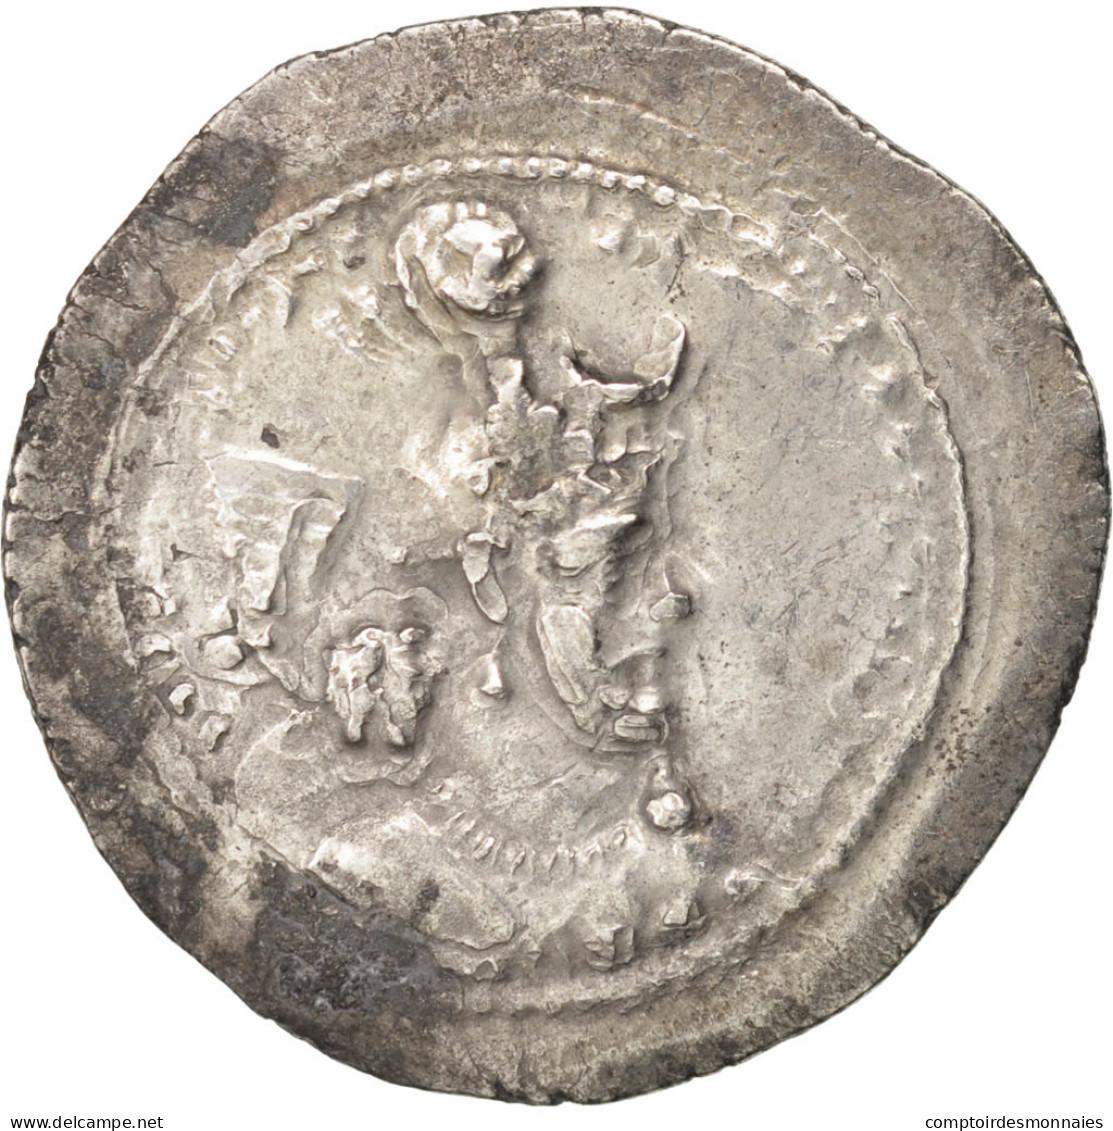 Sassanides, Yazdgard Ier (390-420), Drachme - Orientales